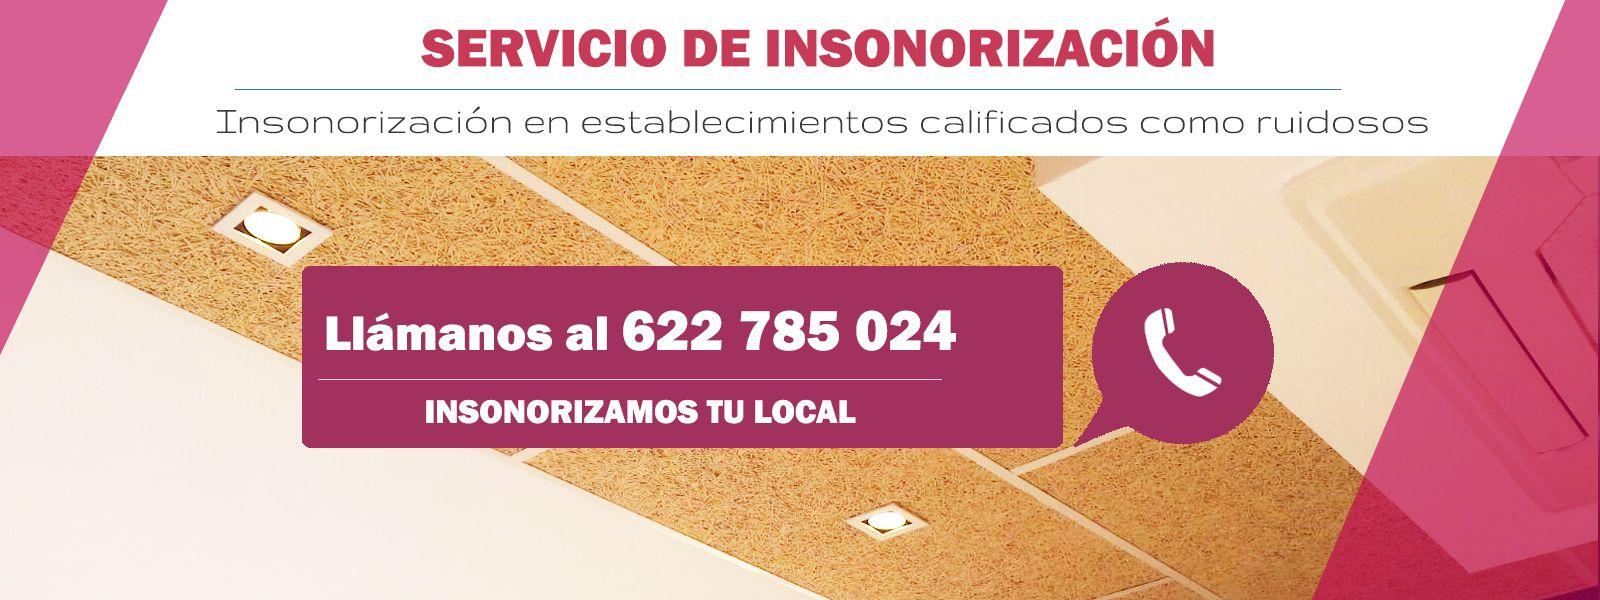 Insonorización de locales en Cádiz